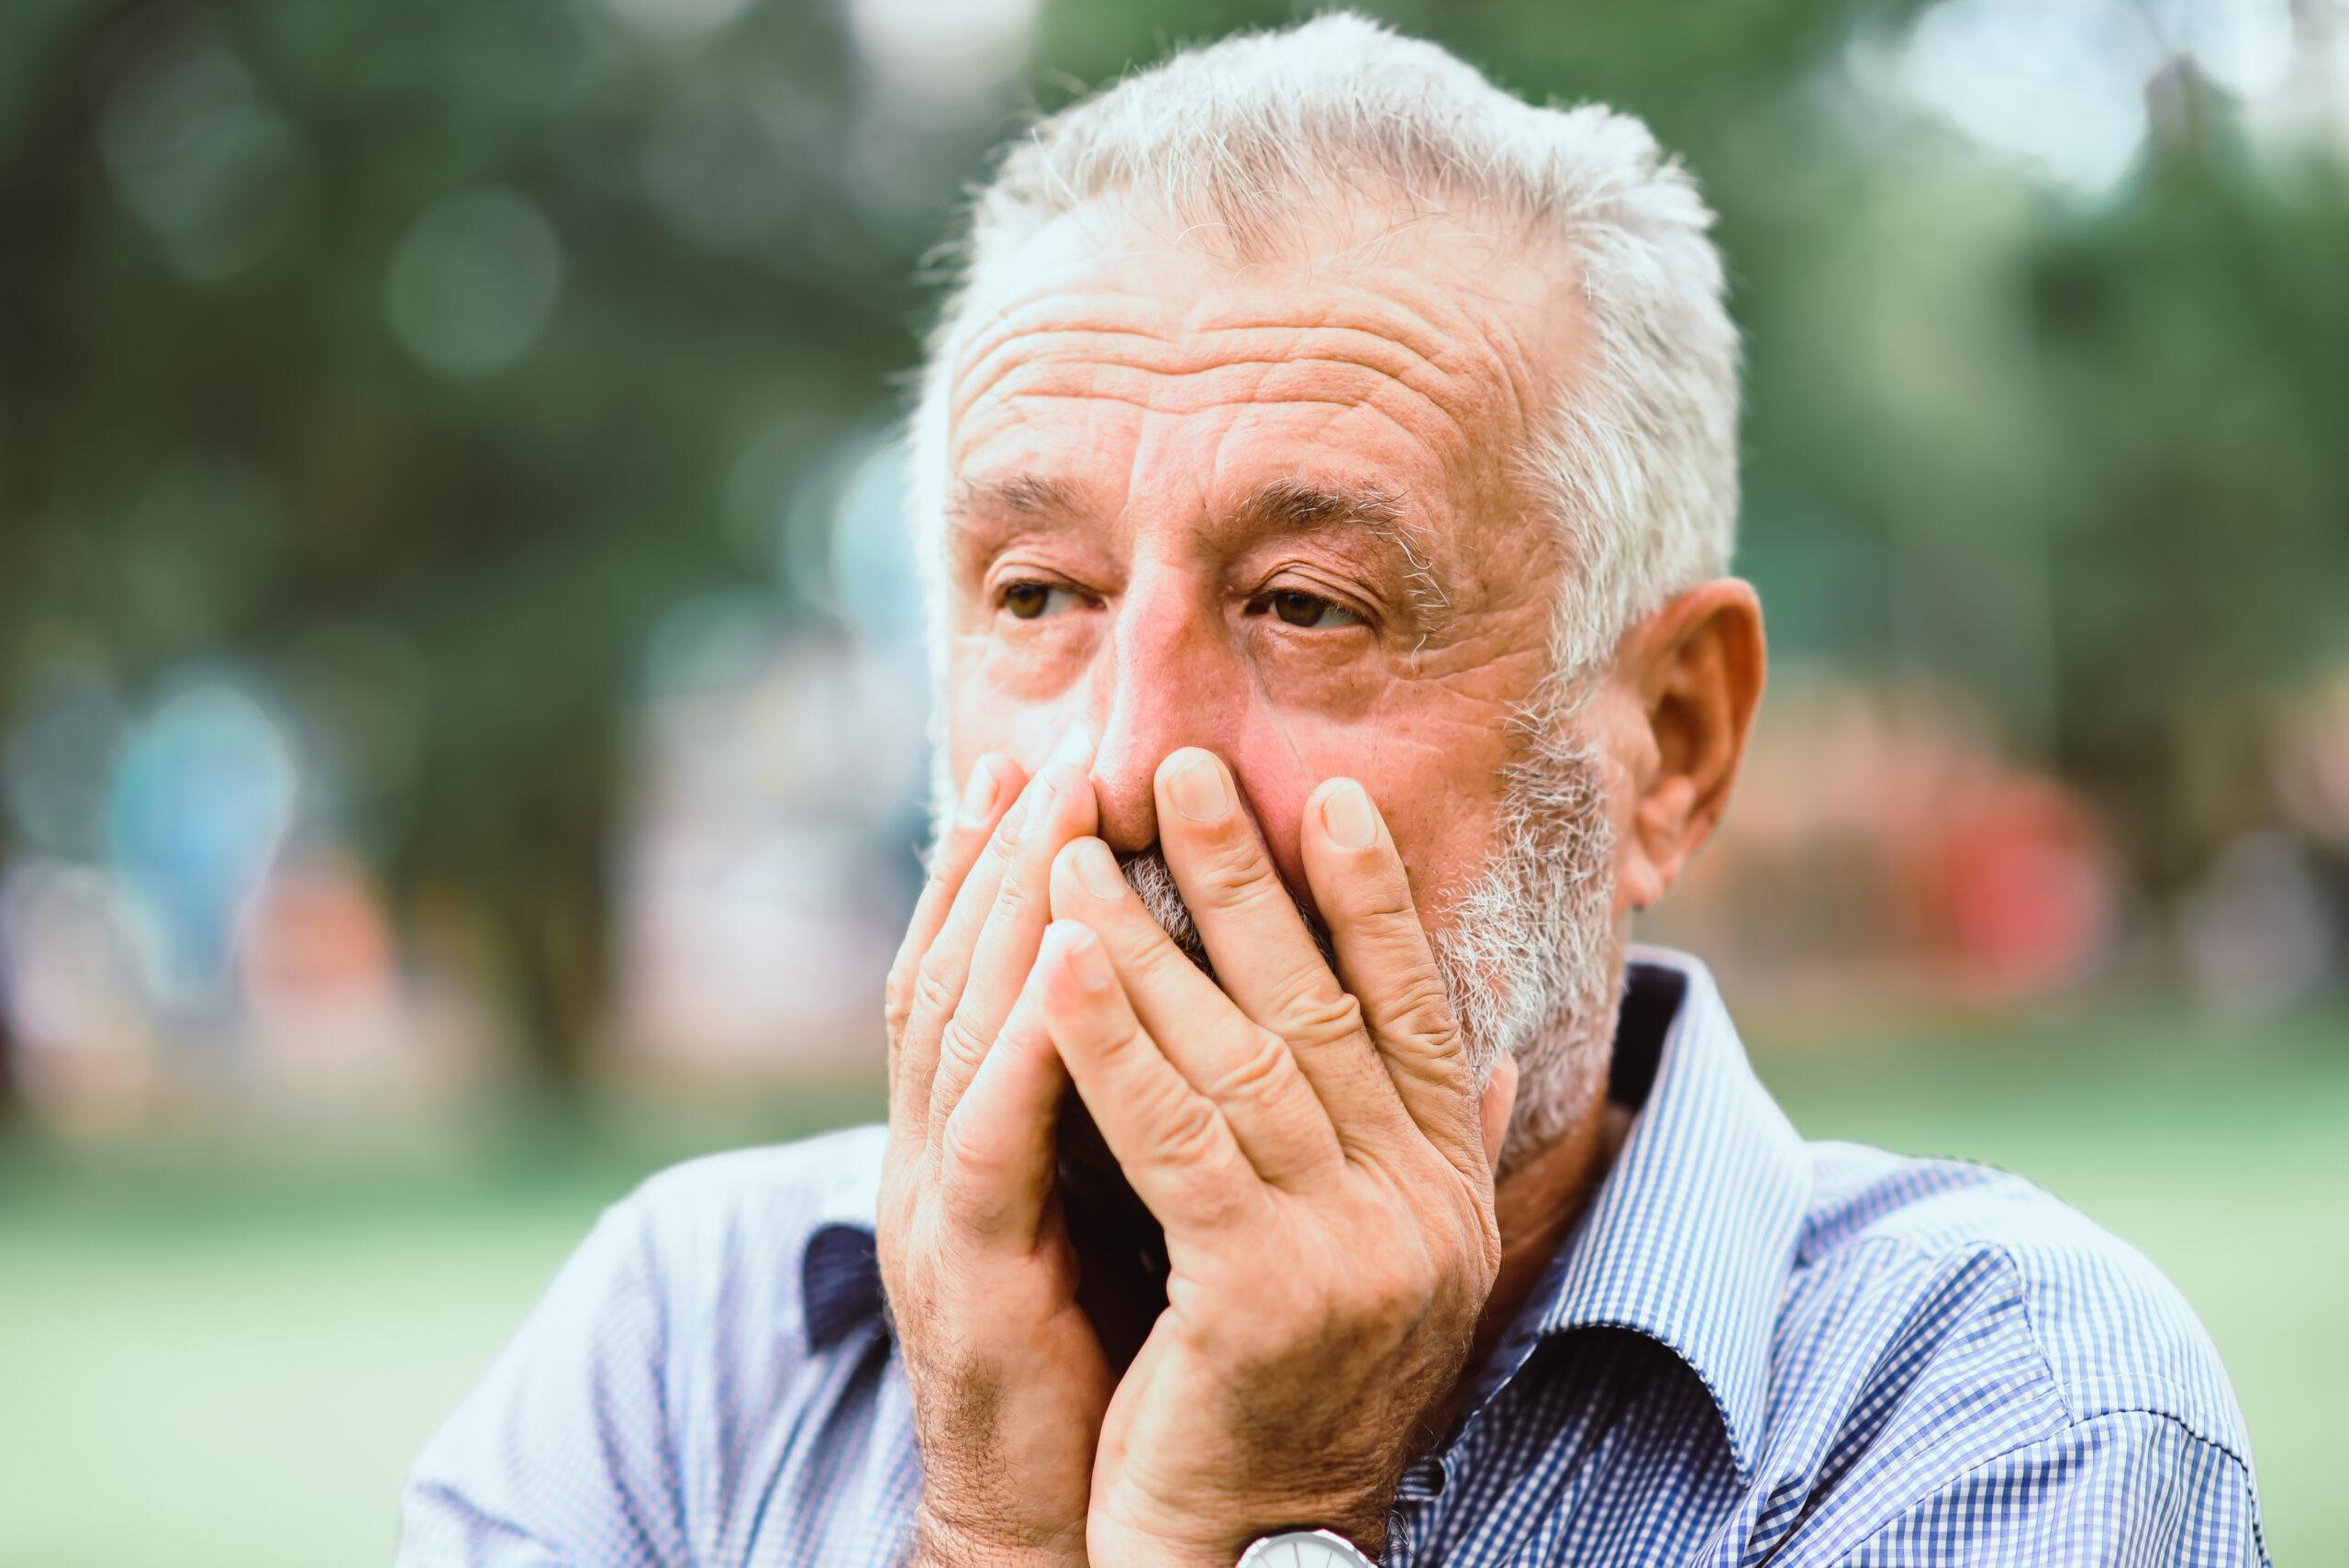 2035 ist jeder Vierte im Rentenalter